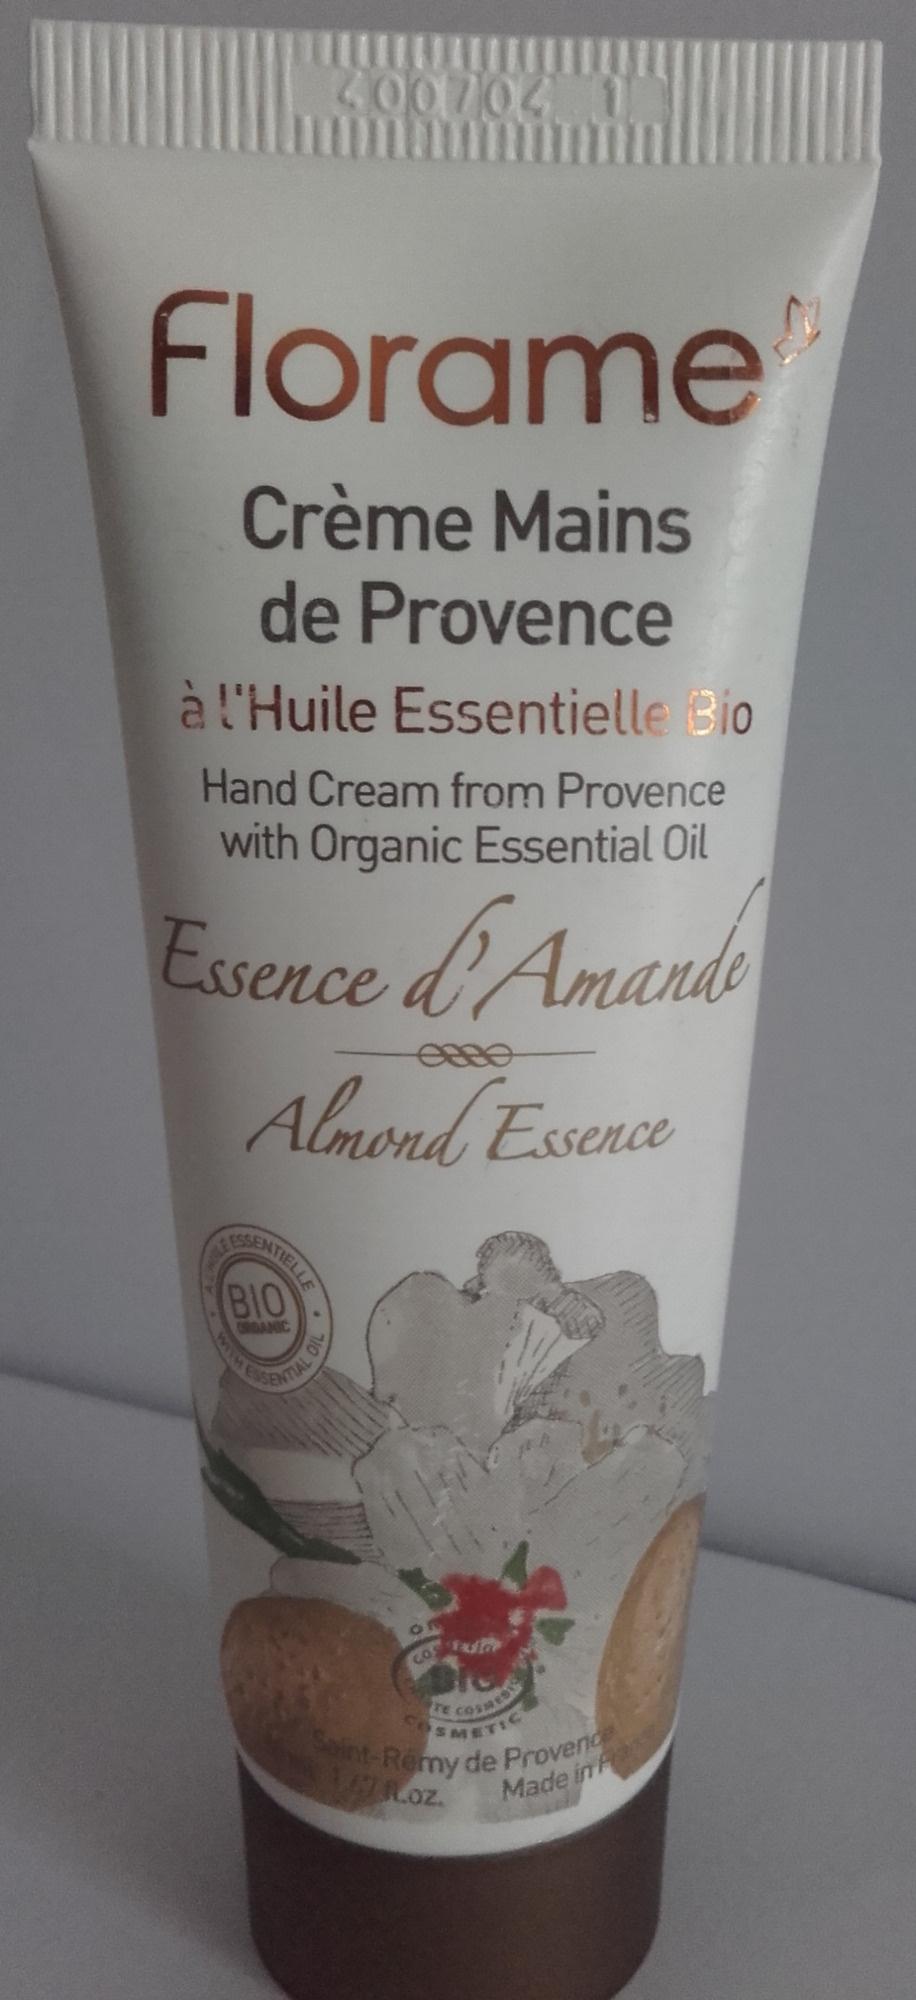 Crème mains de Provence Essence d'amande - Produit